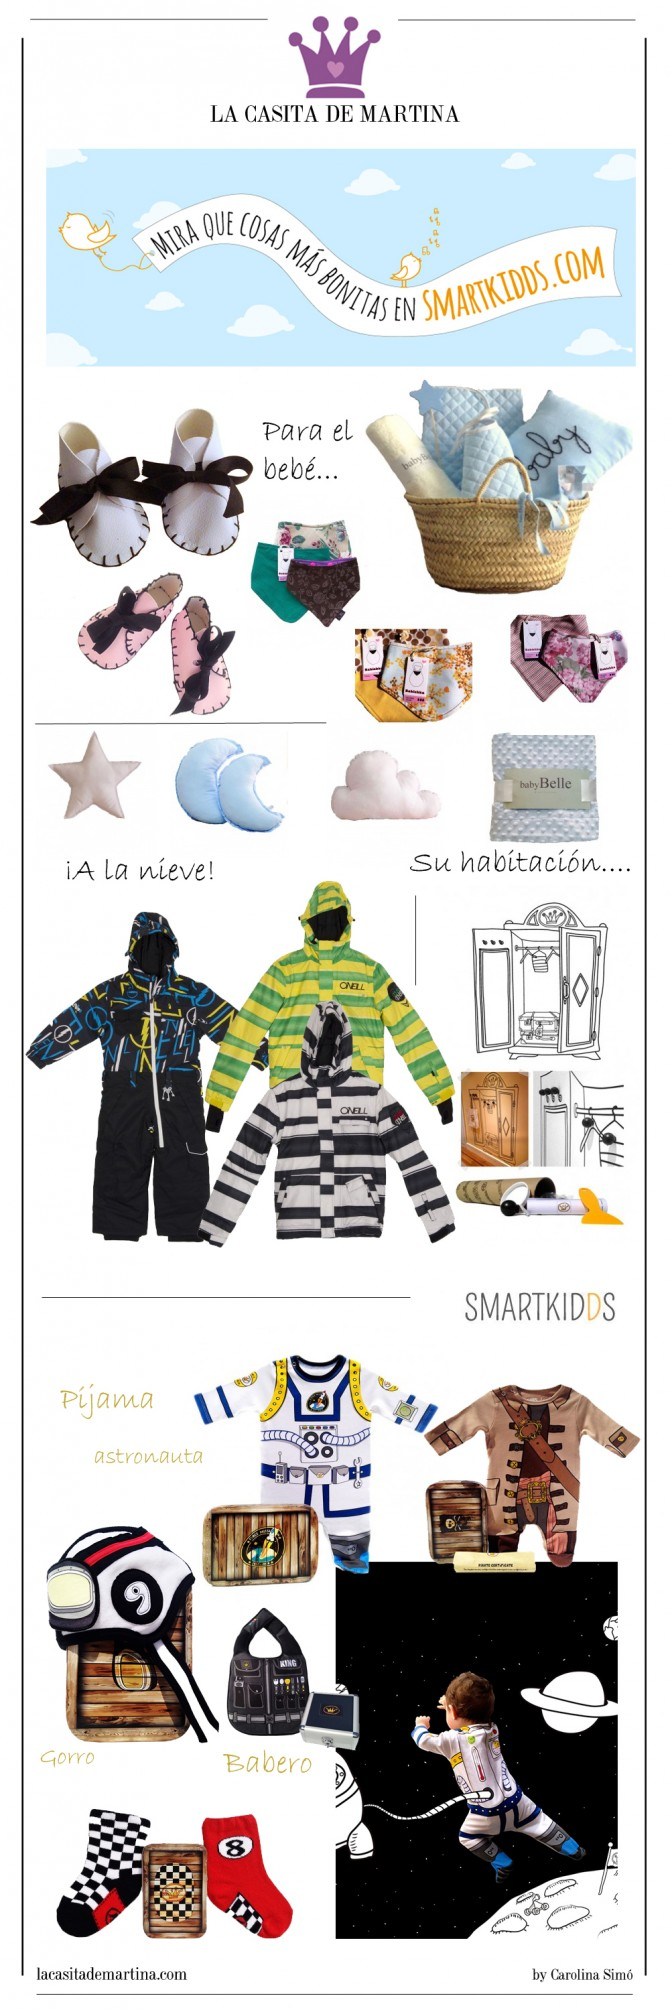 Smartkidds, Blog Moda Infantil, La casita de Martina, Moda Infantil